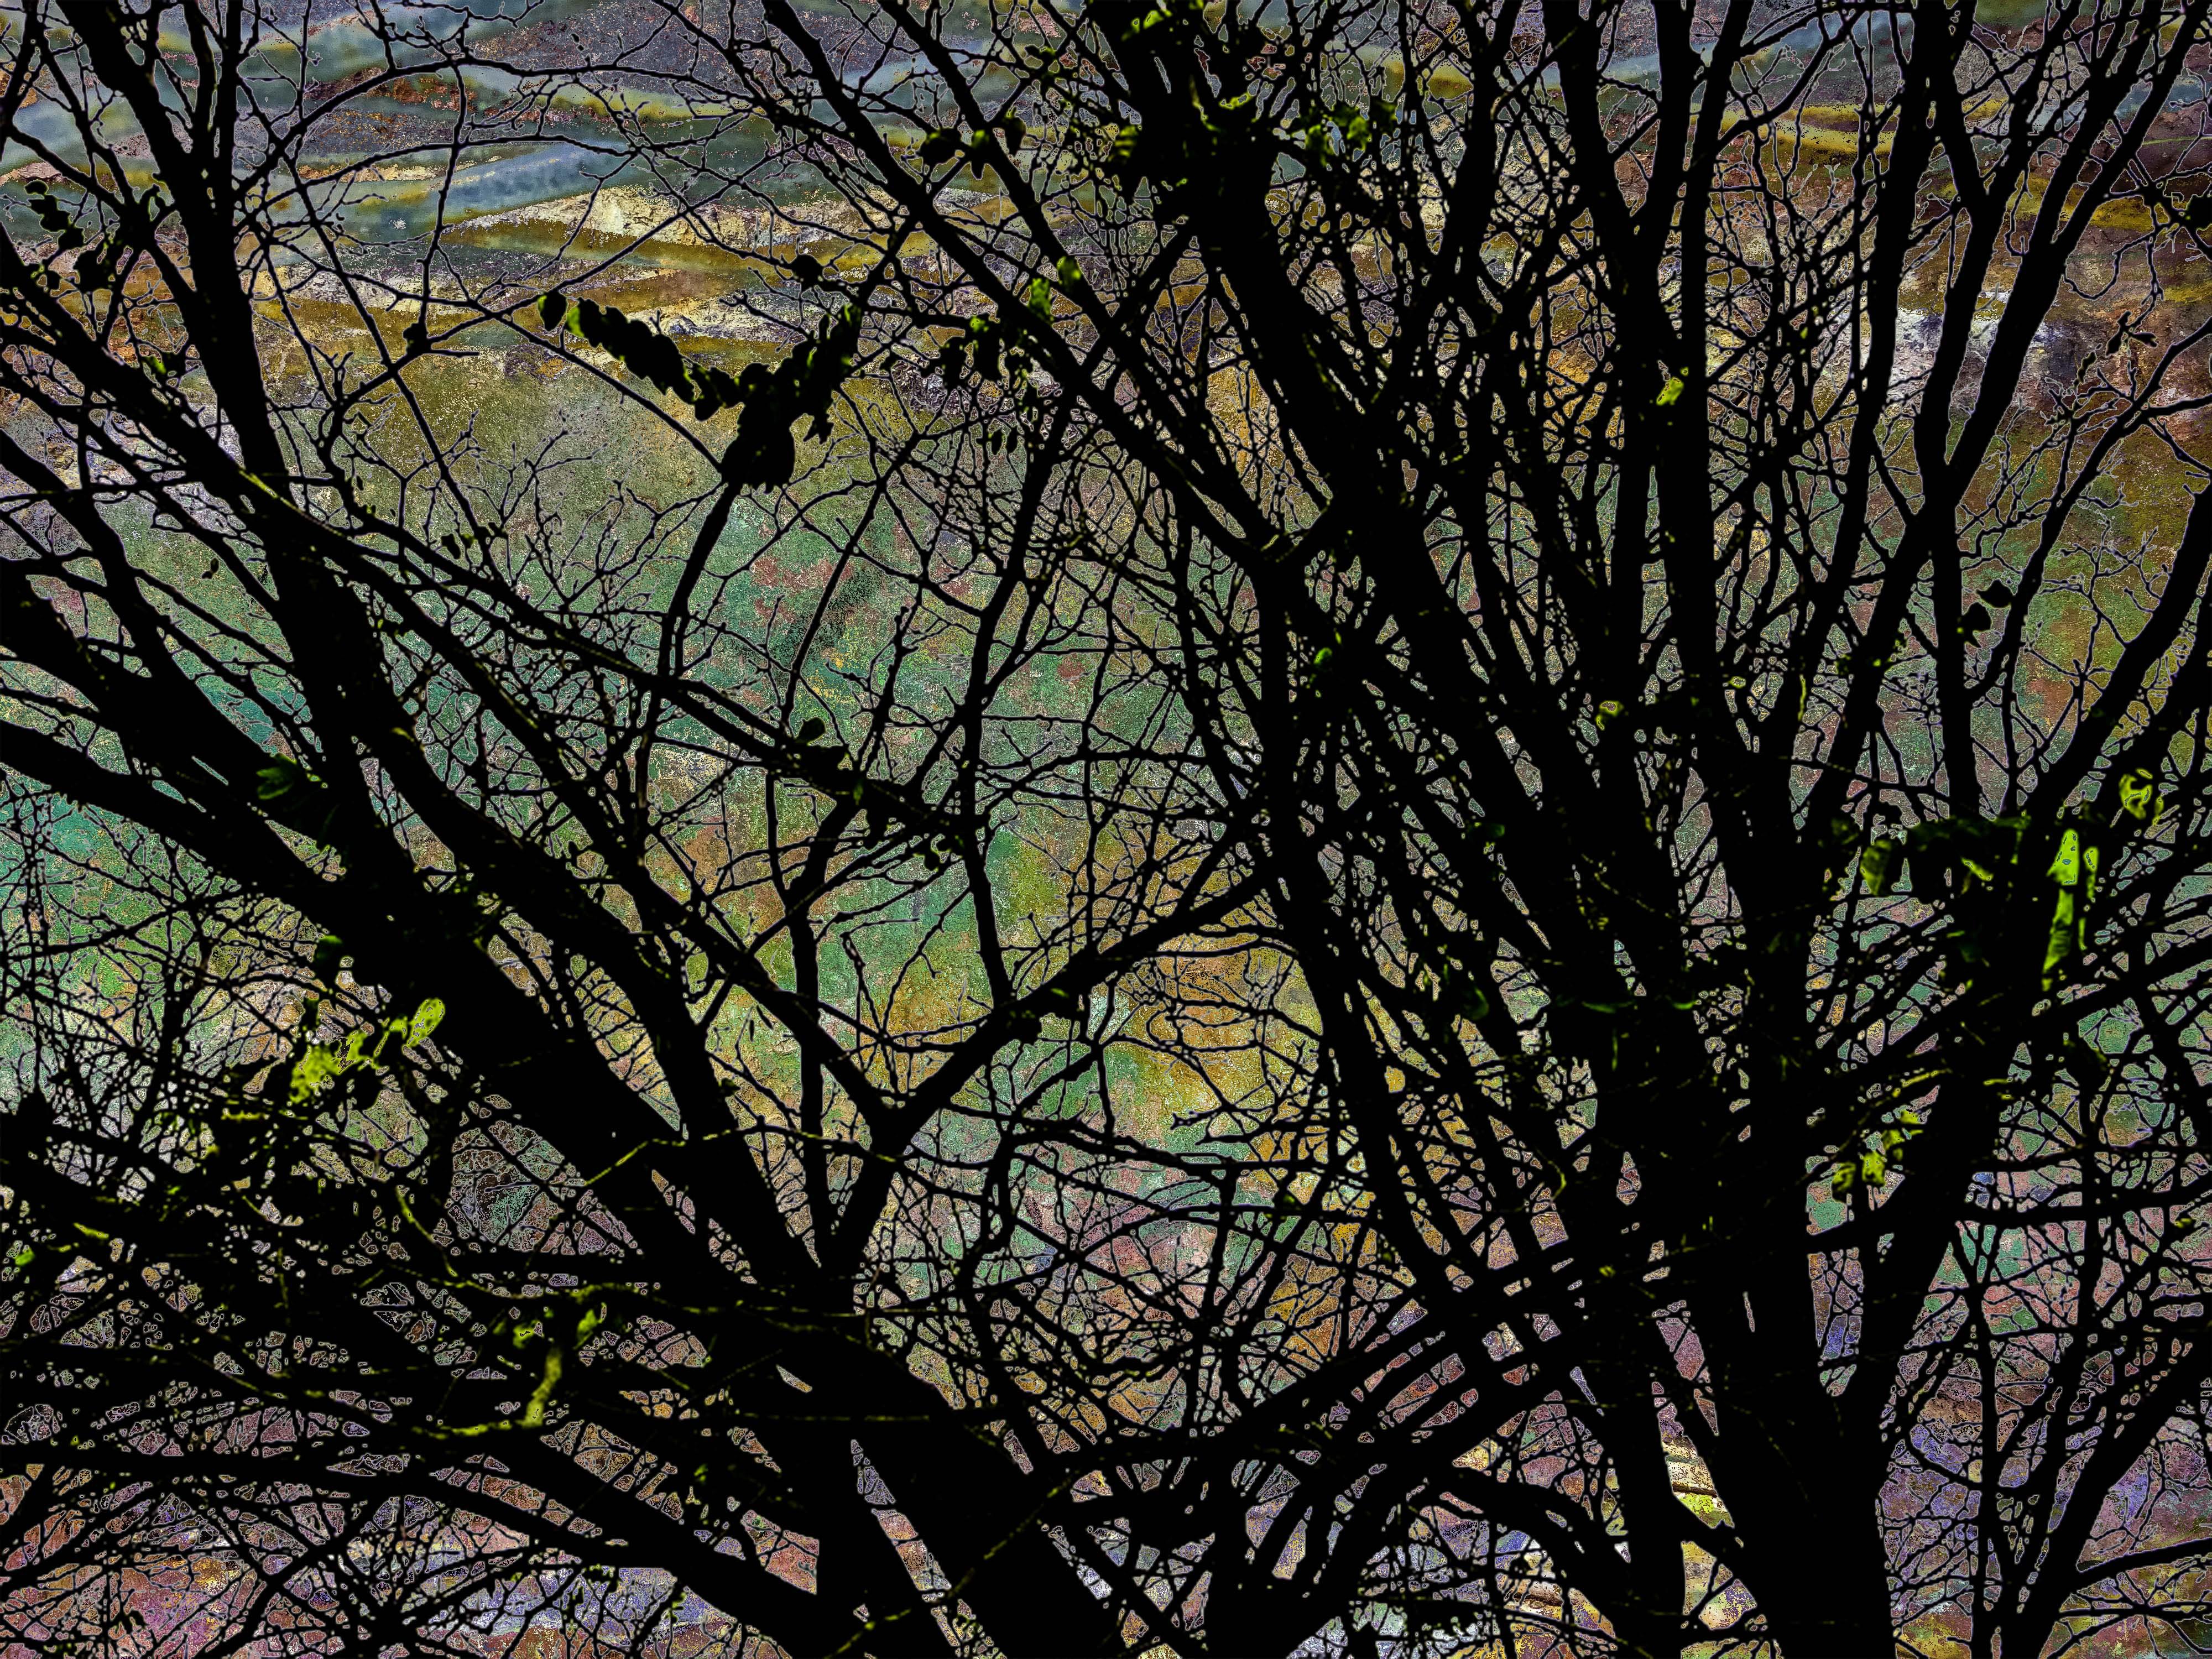 TreeRustScene FLW 4444444 bbbbbbbbccd.jpg